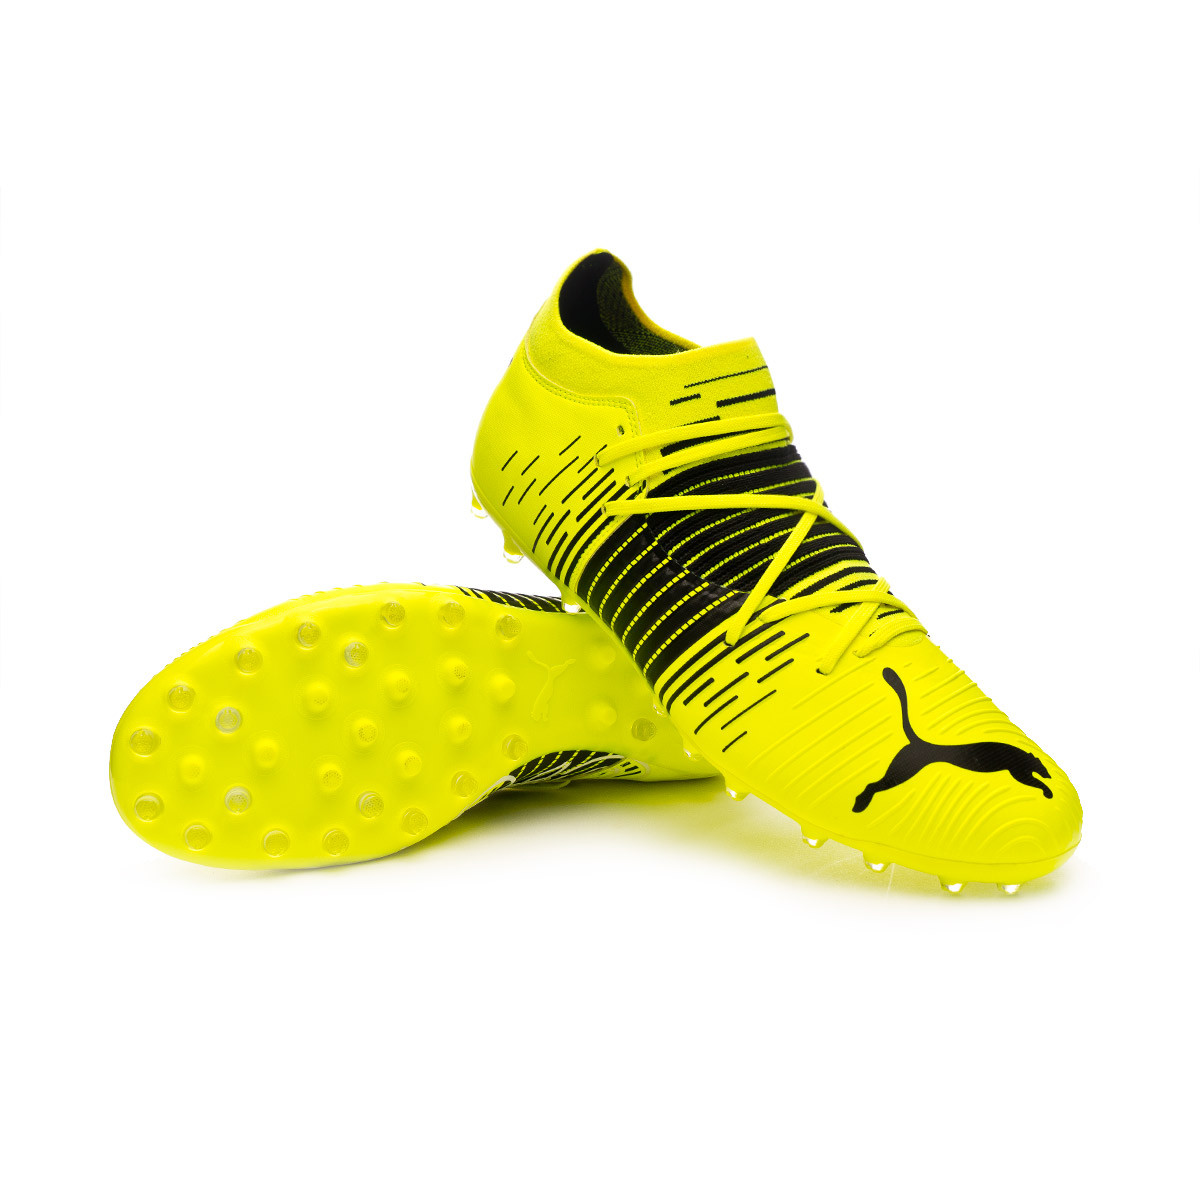 Football Boots Puma Future Z 3.1 MG Yellow alert-Puma black-Puma ...